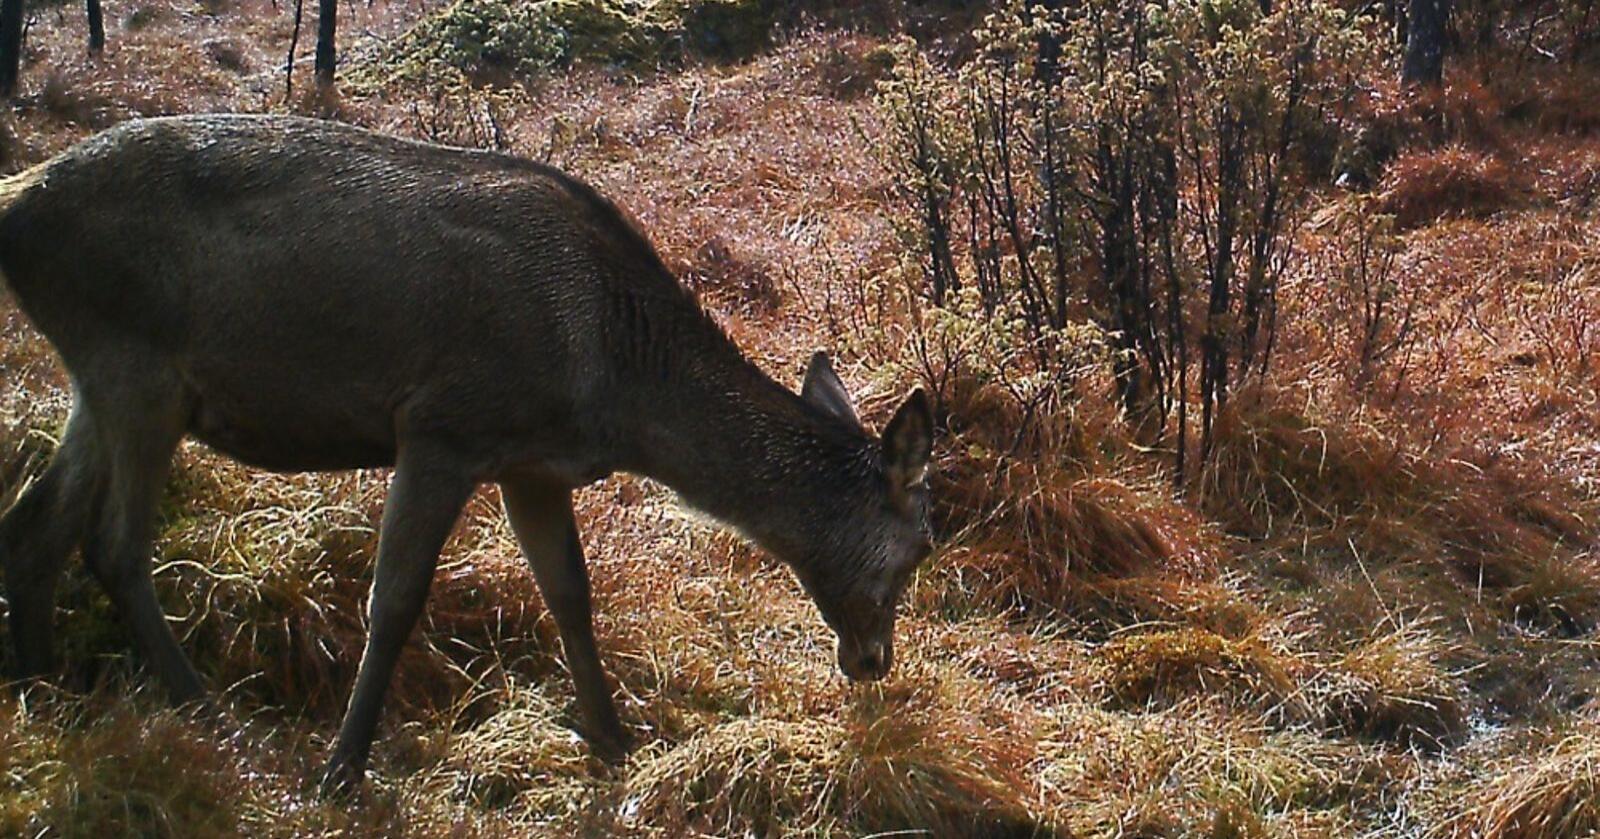 Noen steder er det ikke noe poeng i å slå andreslåtten, hjorten har allerede tatt den, skriver Vegard Nils Smenes. (Arkivfoto: Åkrafjord jakt)